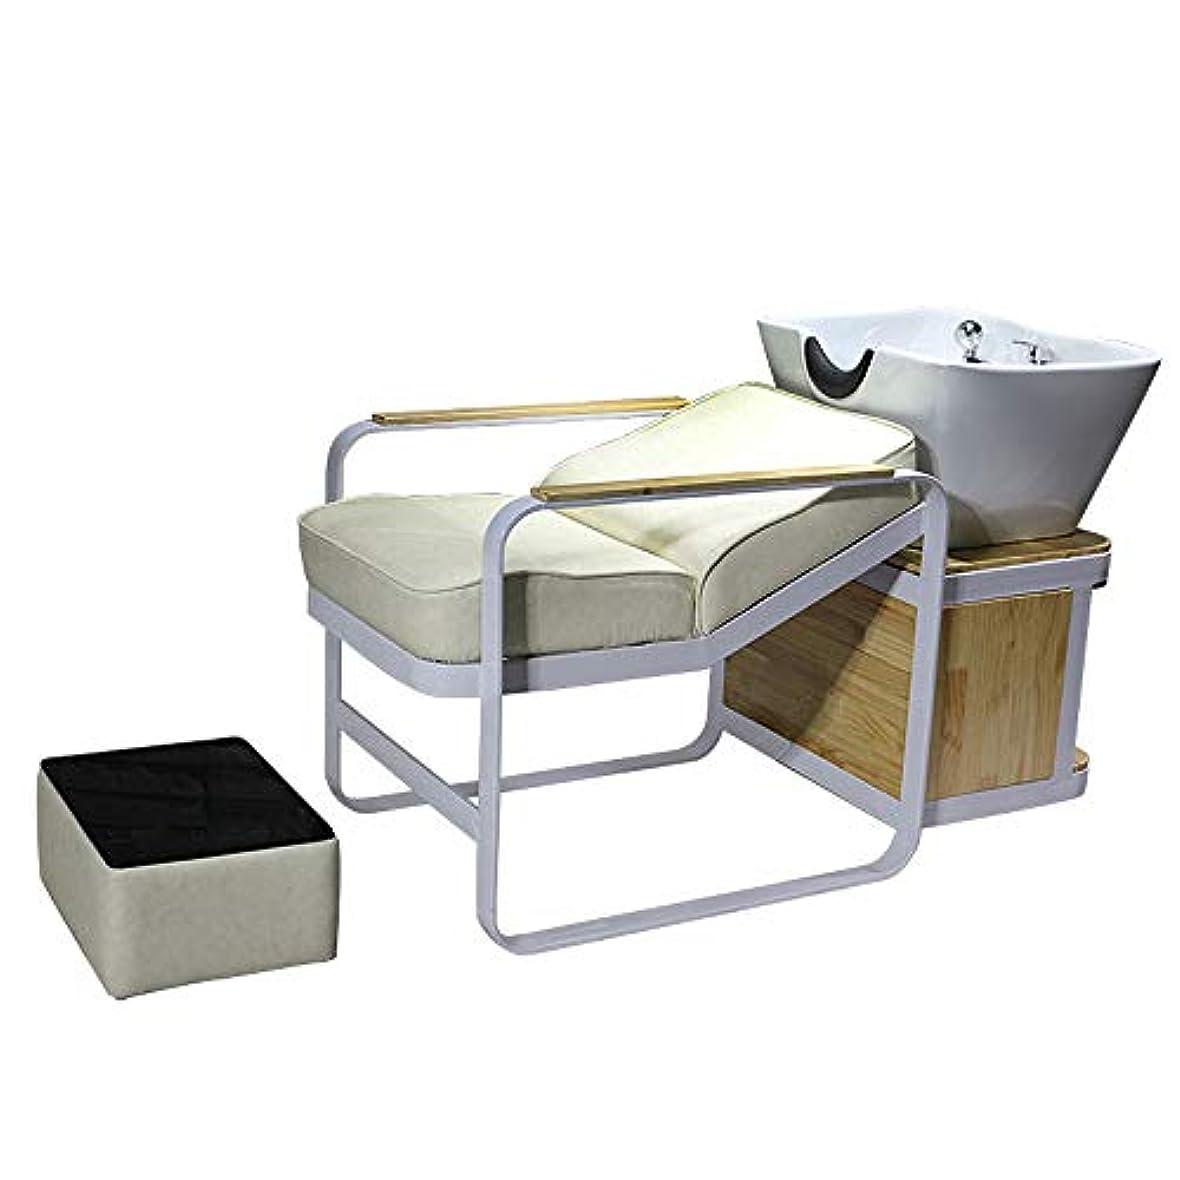 ヶ月目ウイルスタイマーシャンプーチェア、逆洗ユニットシャンプーボウル理髪シンクシンクチェア用スパ美容院機器用半埋め込みフラッシュベッド